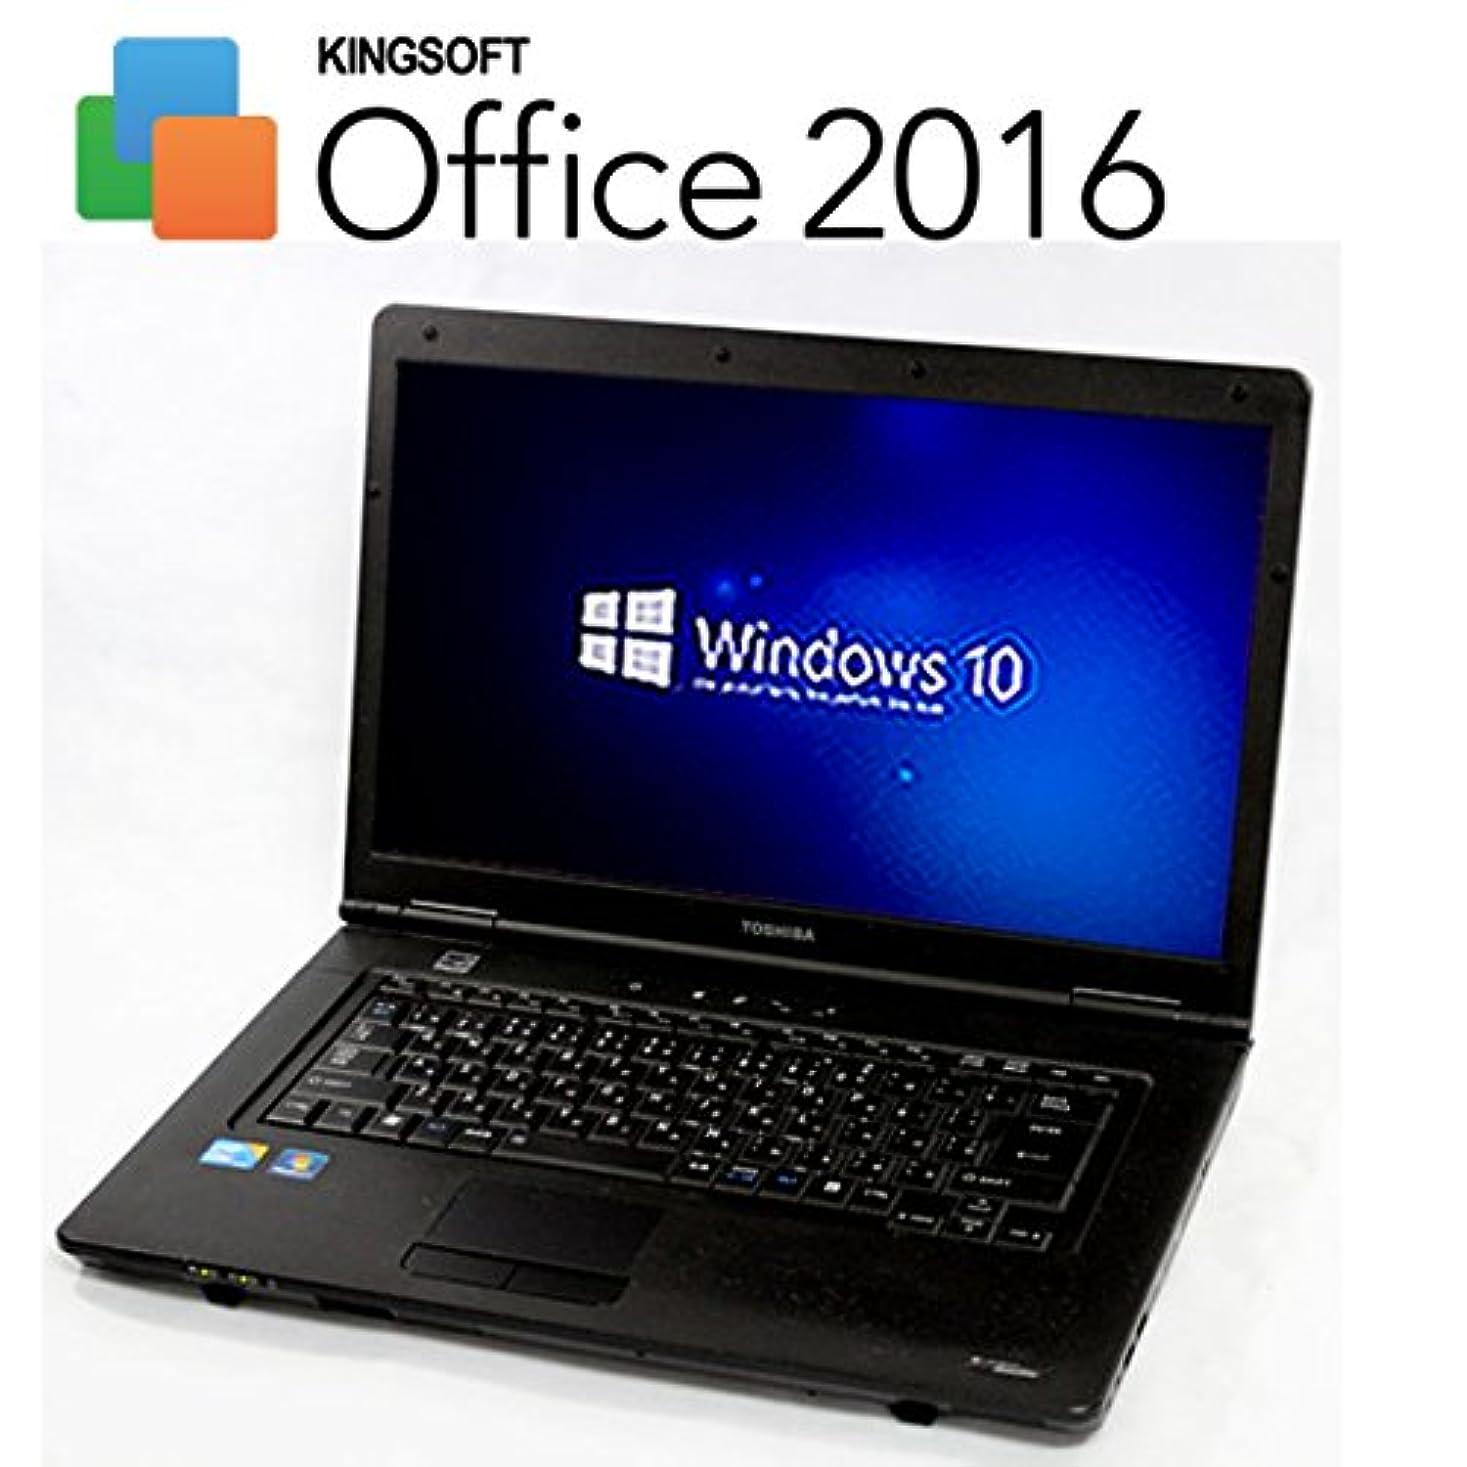 マイク散文航空便高性能Corei5がこの価格で!?【最新 Office 2016搭載】【最新OS Windows10 搭載】 東芝 Satellite B650/B ( Core i5 2.66GHz / メモリ 4GB / HDD 250GB / DVDが焼ける / 15.6インチワイド / 無線LAN搭載(Wi-FiもOK) ) 中古 ノートパソコン TO00025